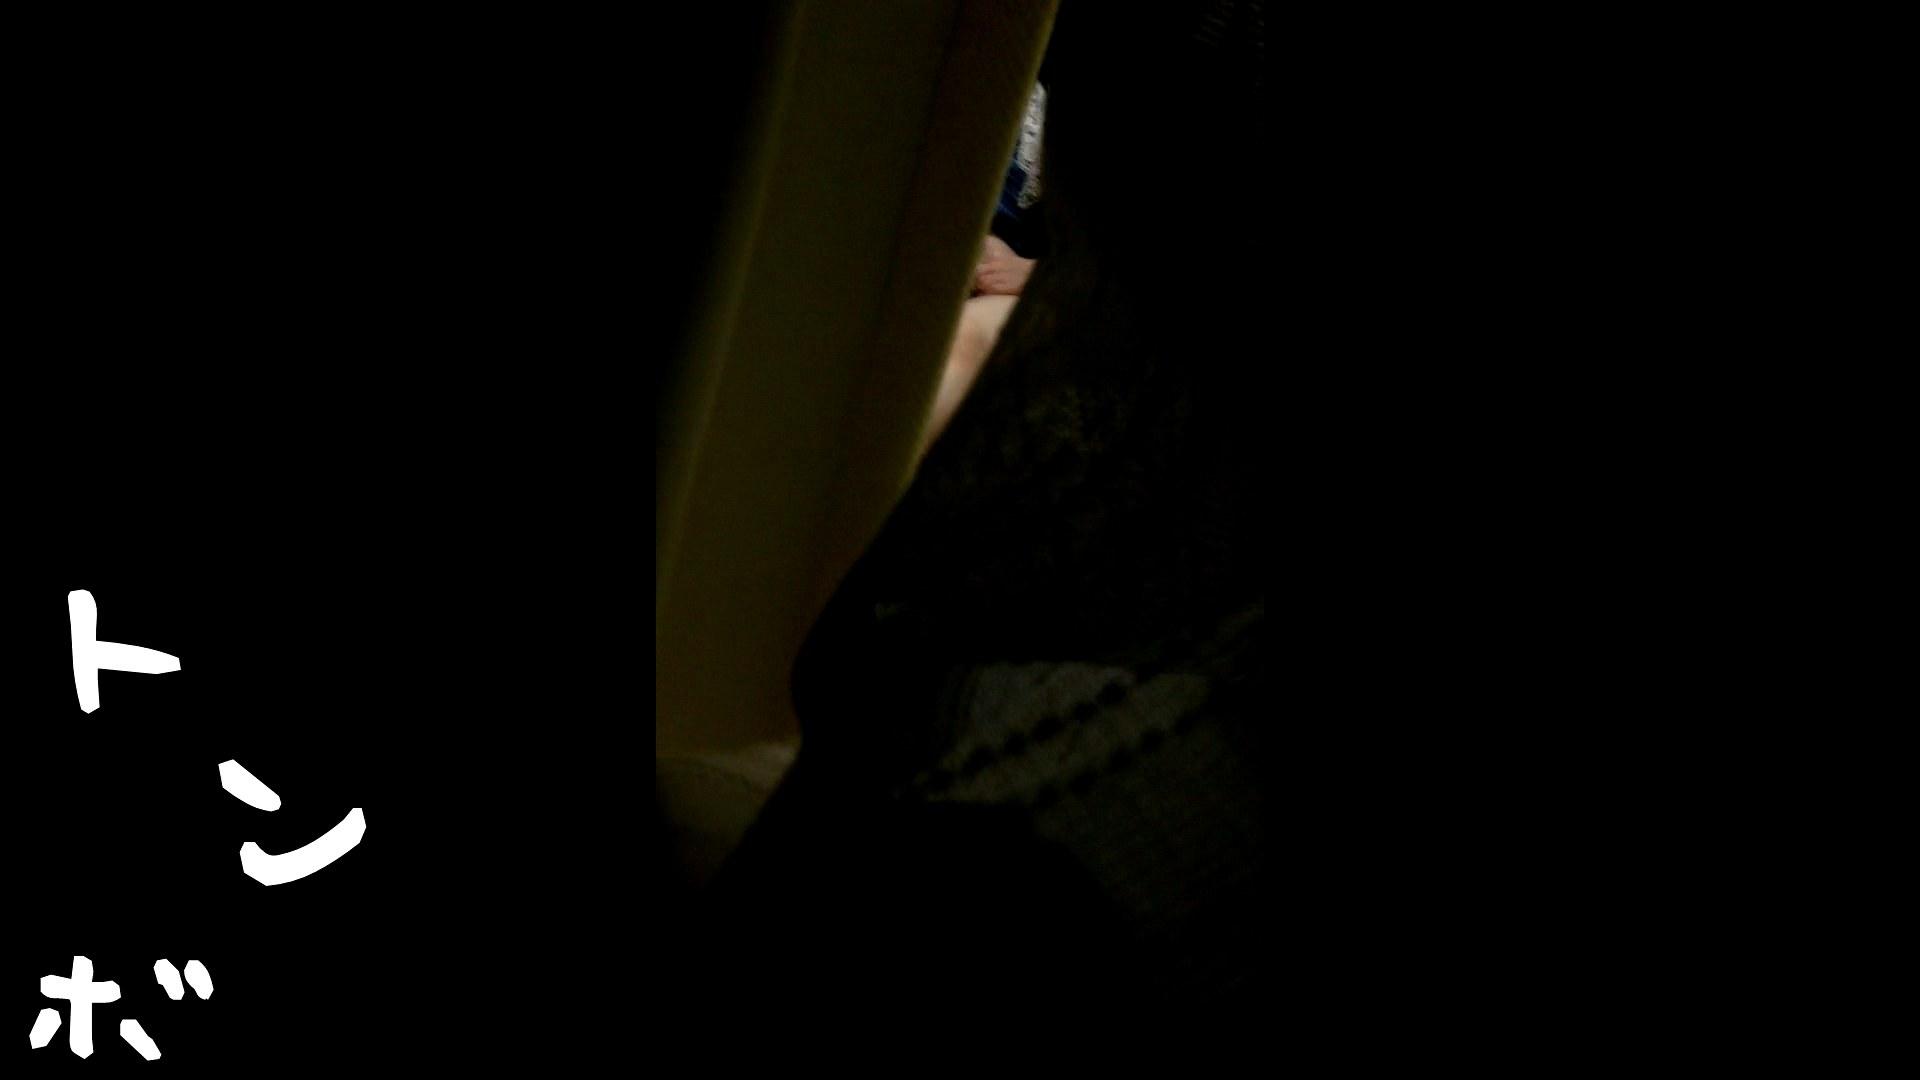 リアル盗撮 作家志望J子 アソコのお手入れ最中に感じてパンツを湿らす